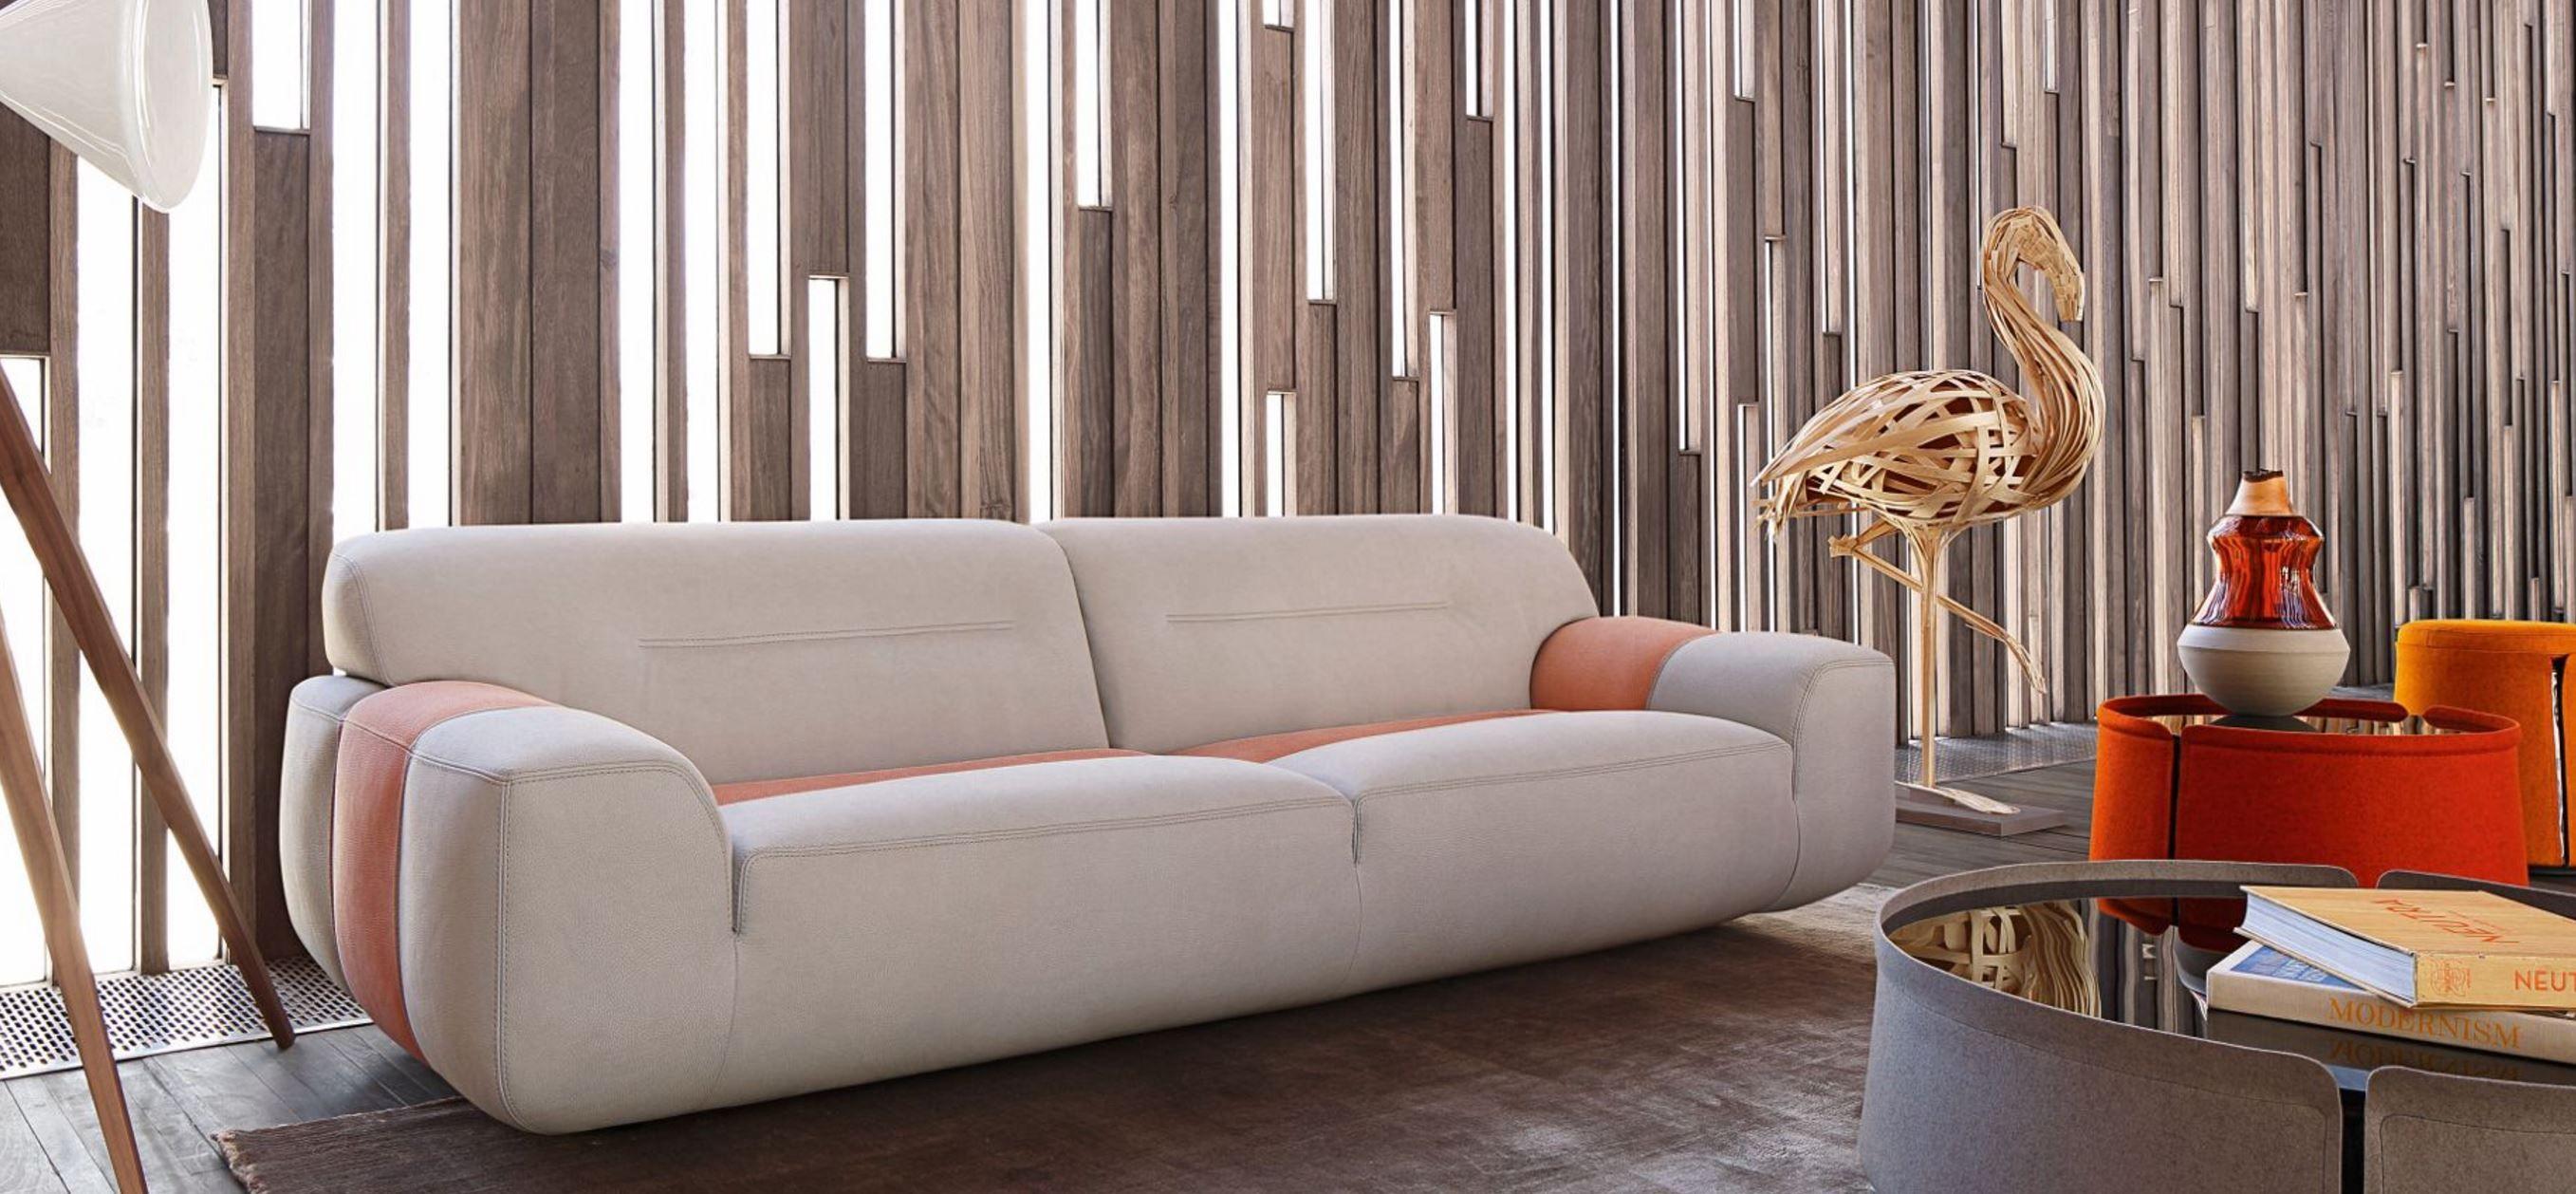 Roche Bobois Furniture Contemporary Furniture